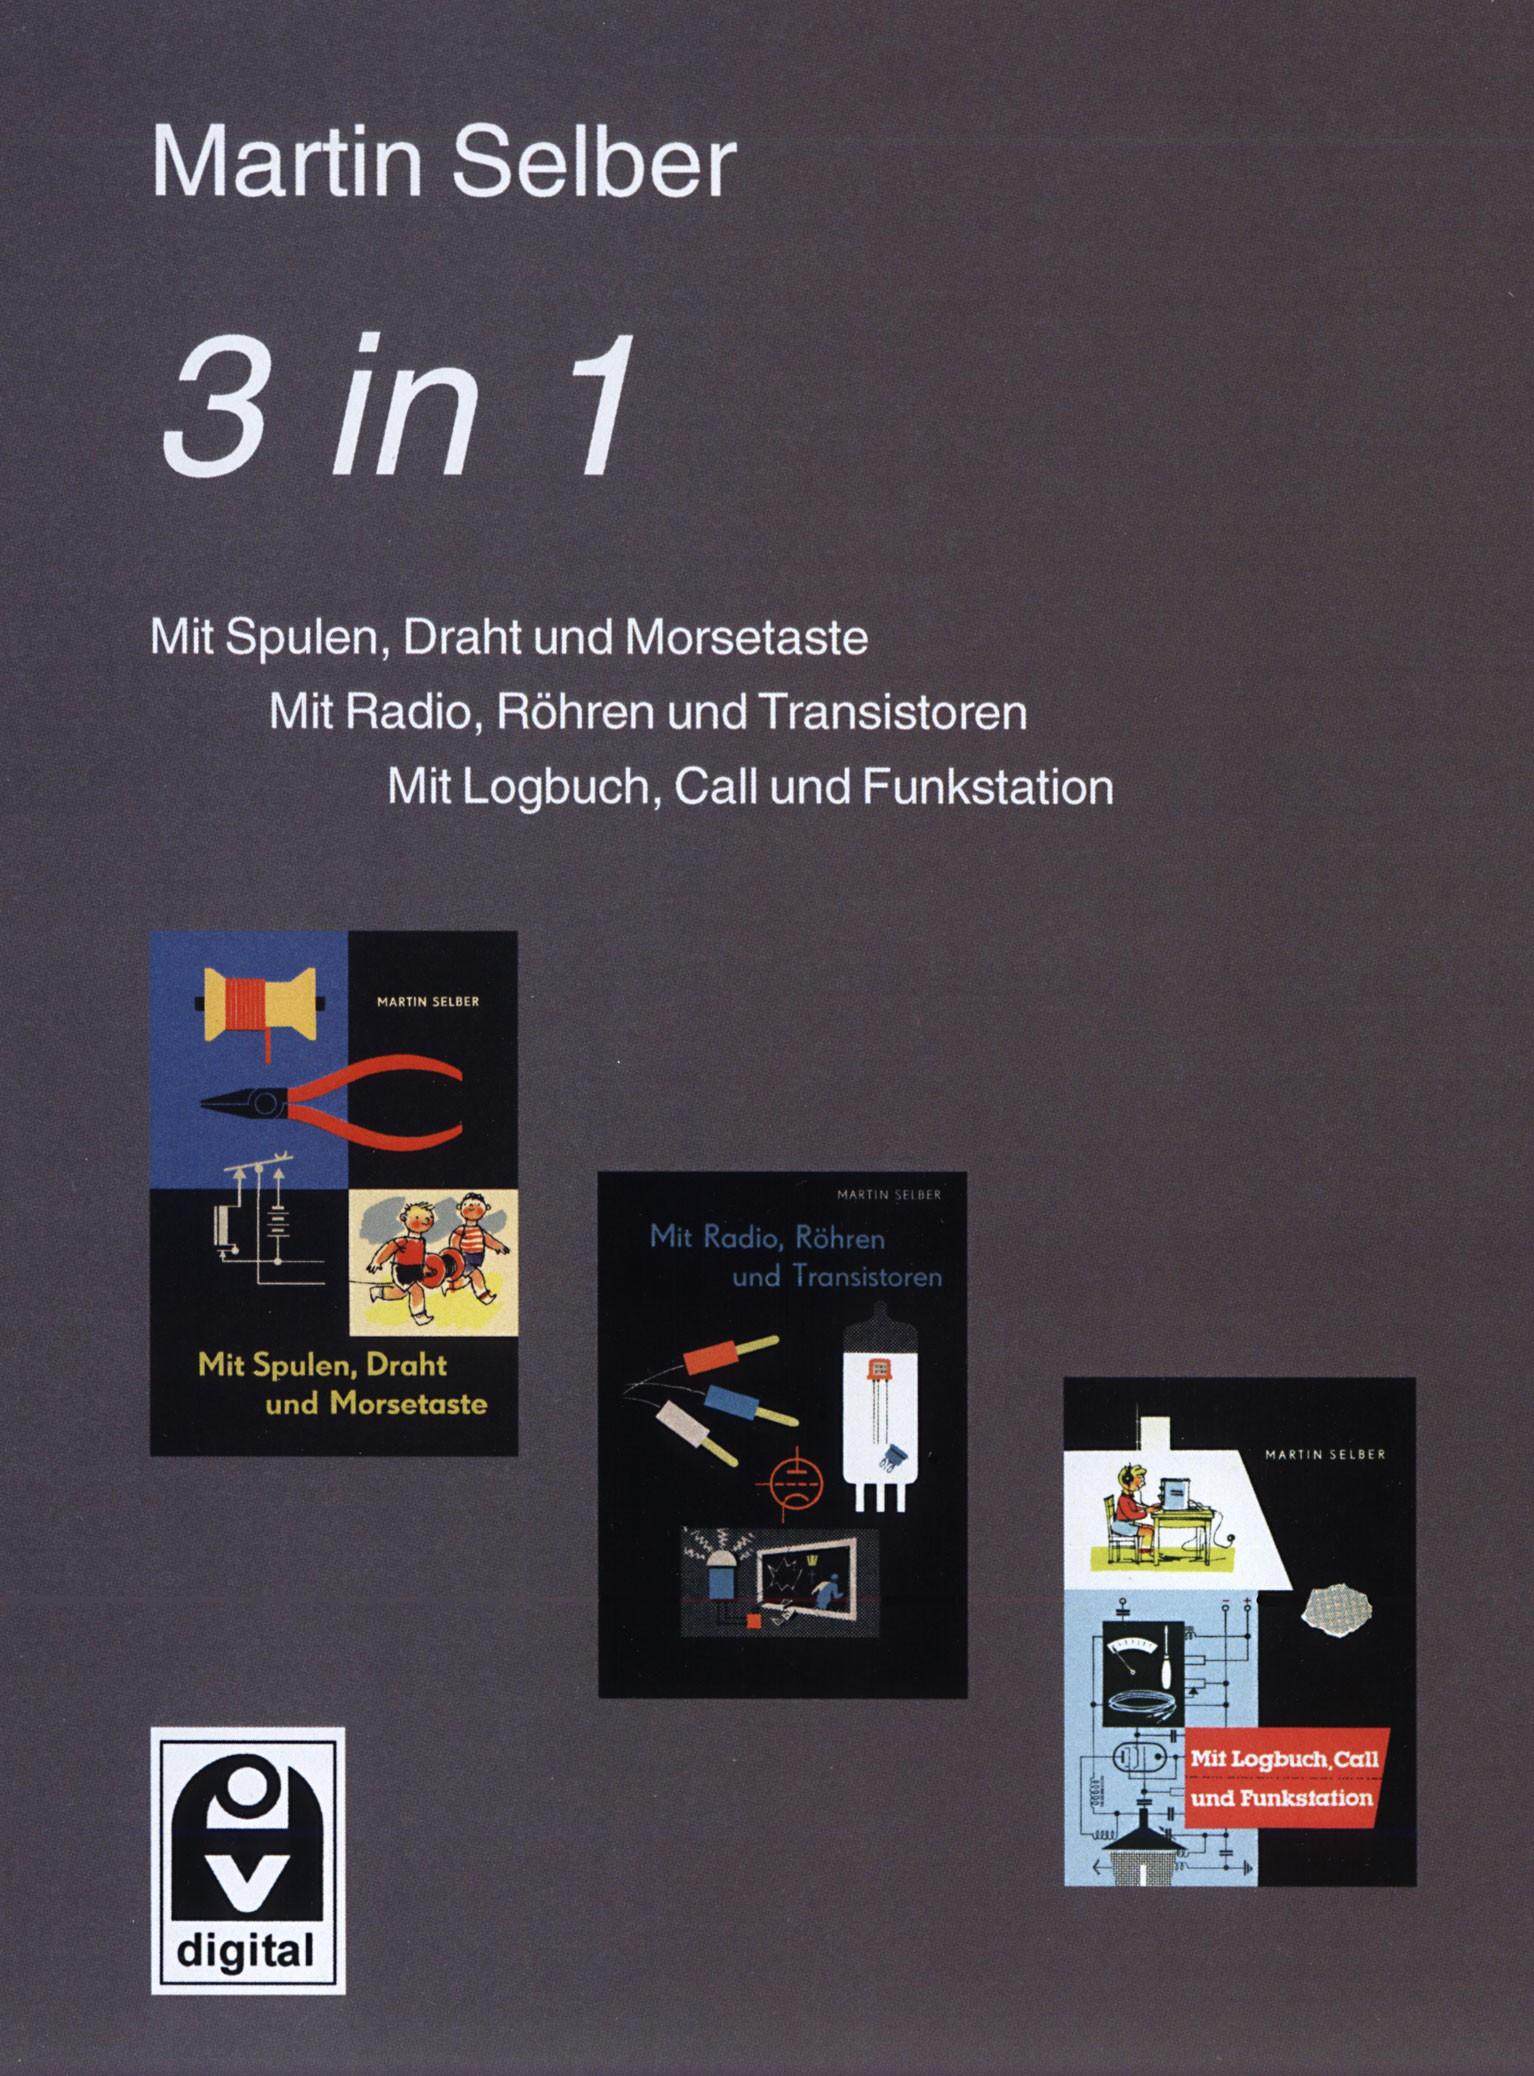 3 in 1 - Selber | Radio-Fachbücher